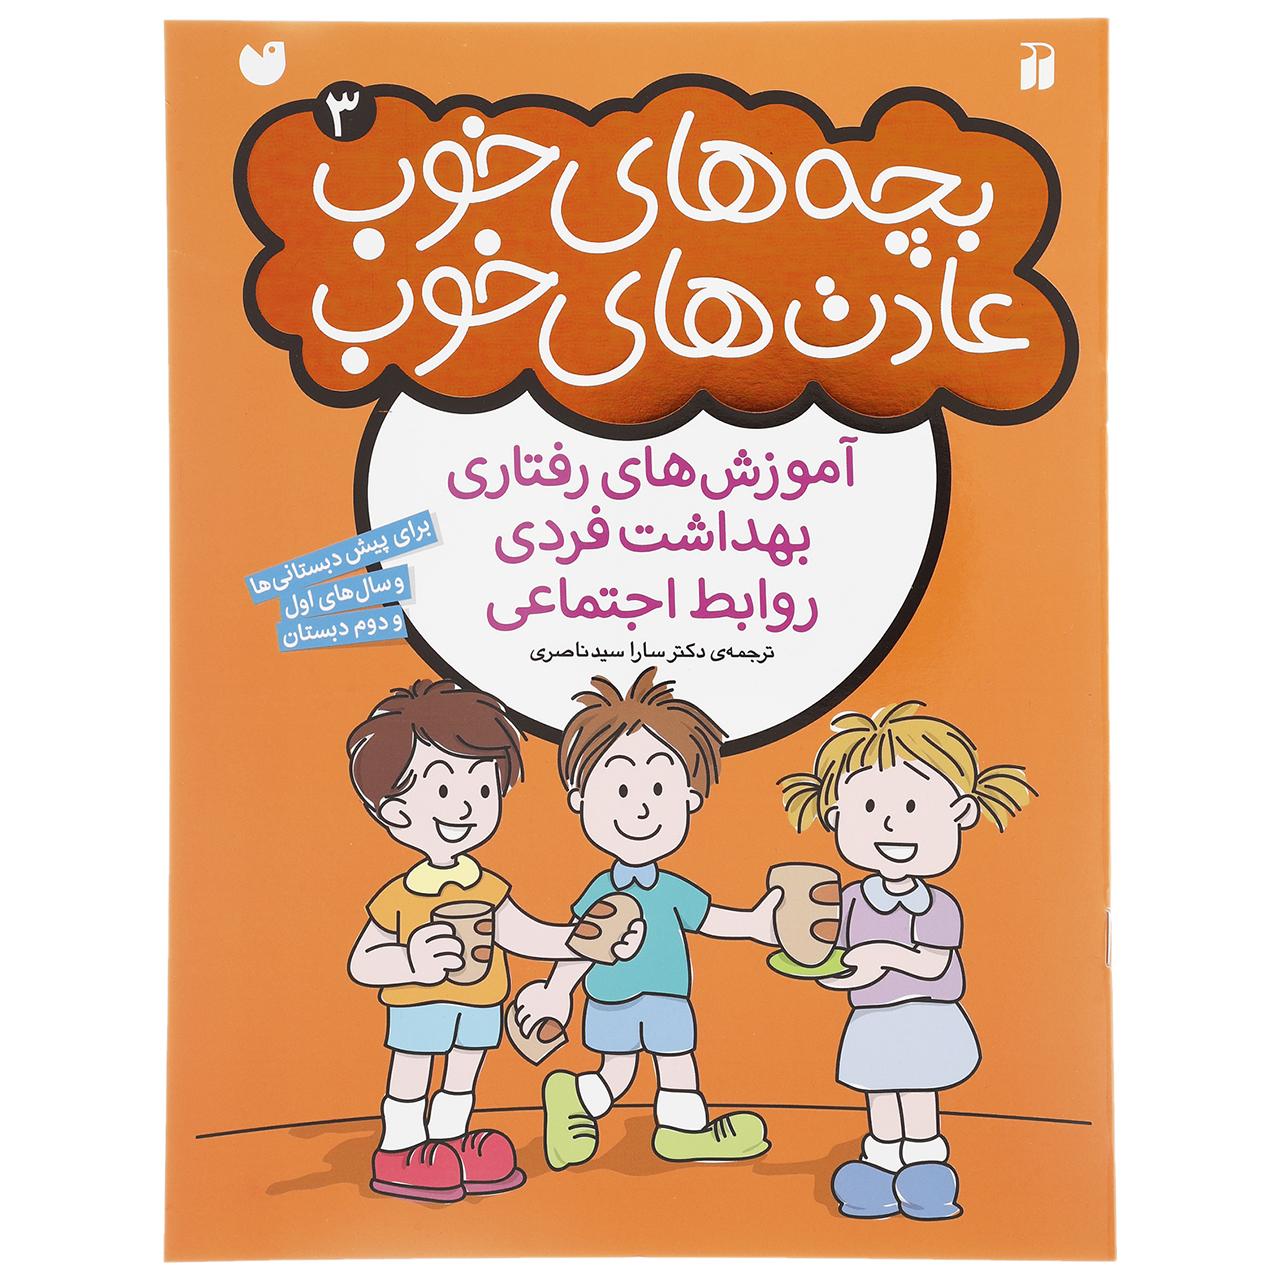 خرید                      کتاب بچه های خوب عادت های خوب 3 اثر سارا سید ناصری